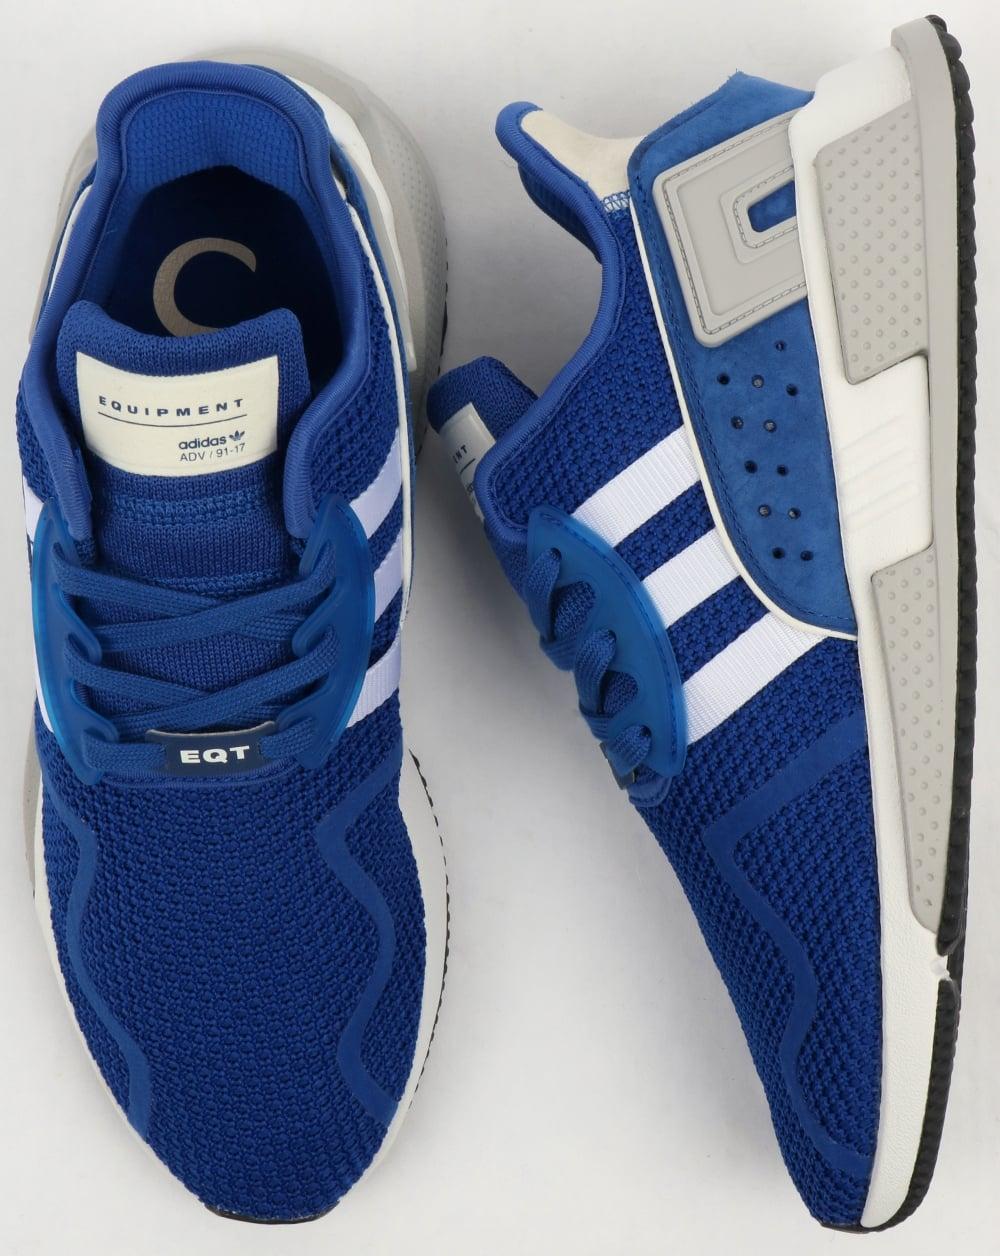 separation shoes f6074 264e9 ... adidas eqt cushion adv trainers royal white